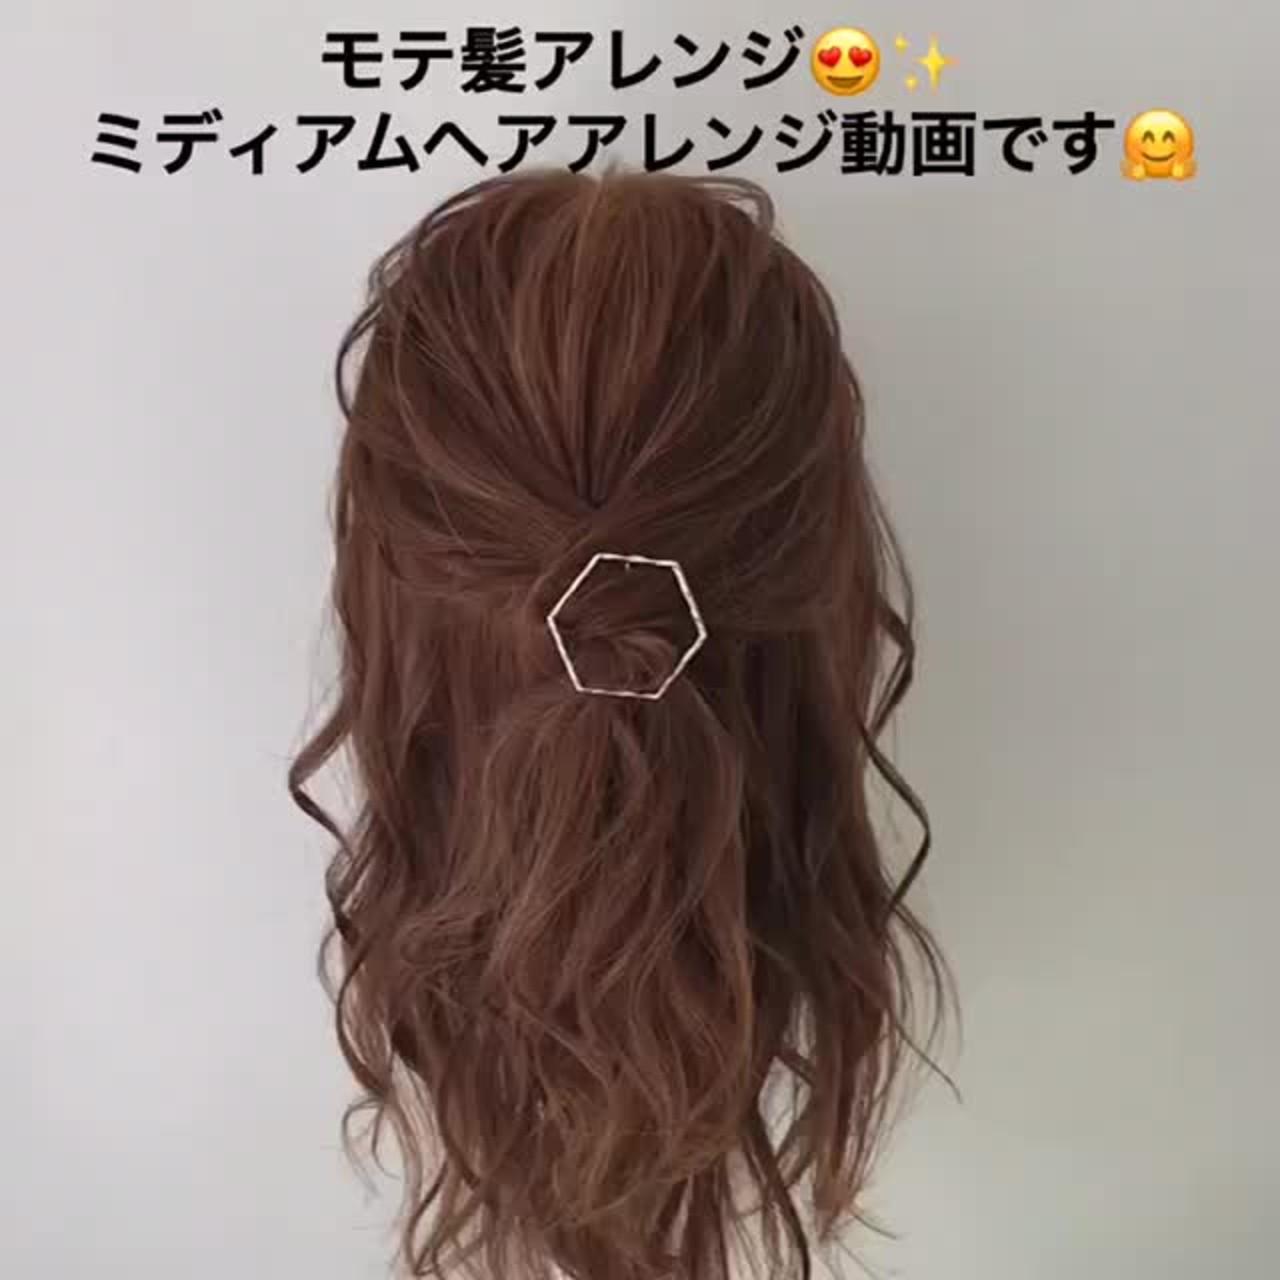 モテ髪アレンジです✨